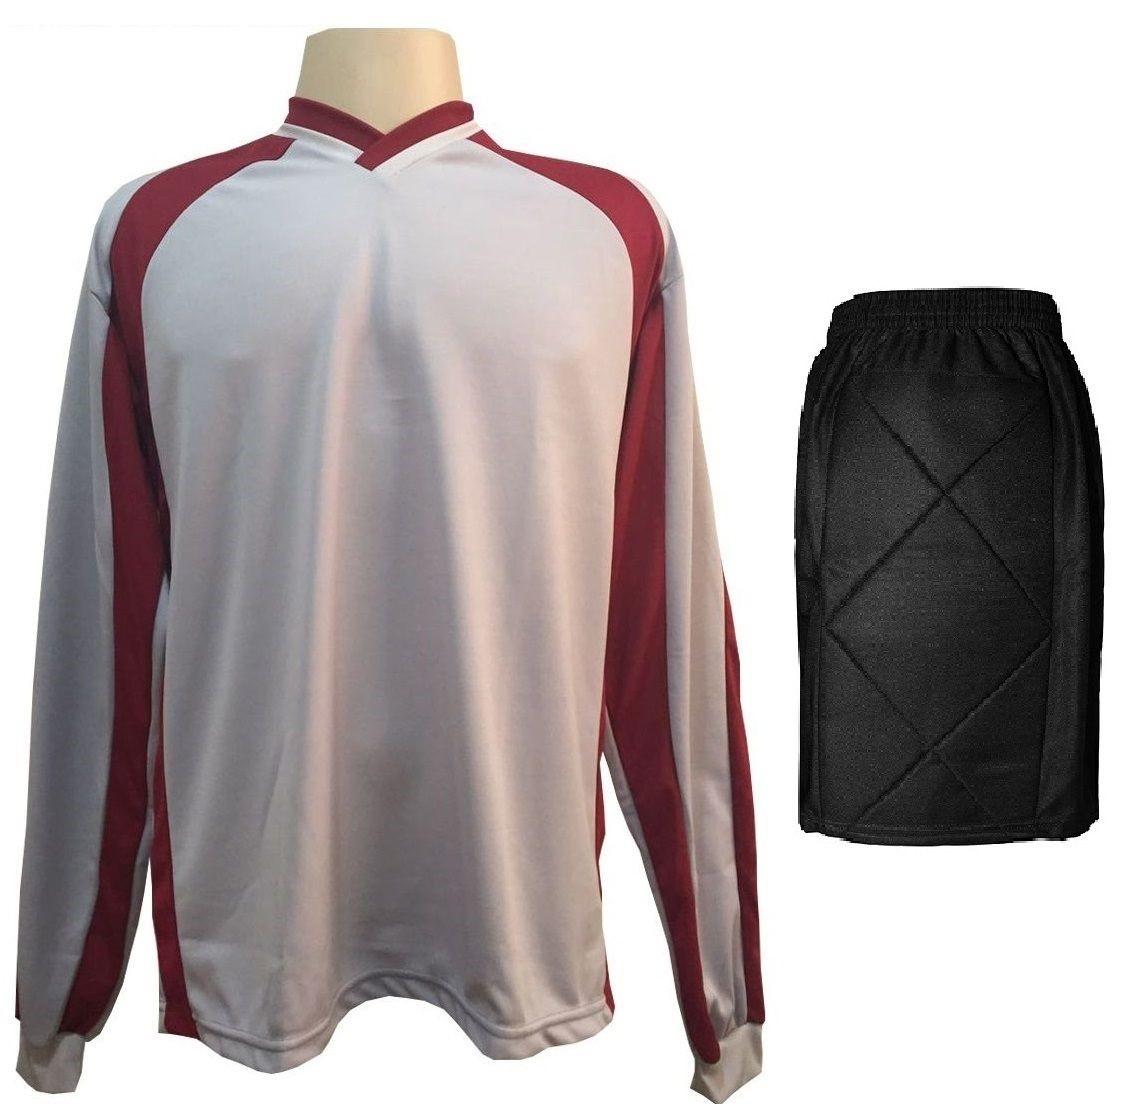 Uniforme Esportivo com 20 camisas modelo Bélgica Limão/Marinho + 20 calções modelo Madrid + 1 Goleiro + Brindes